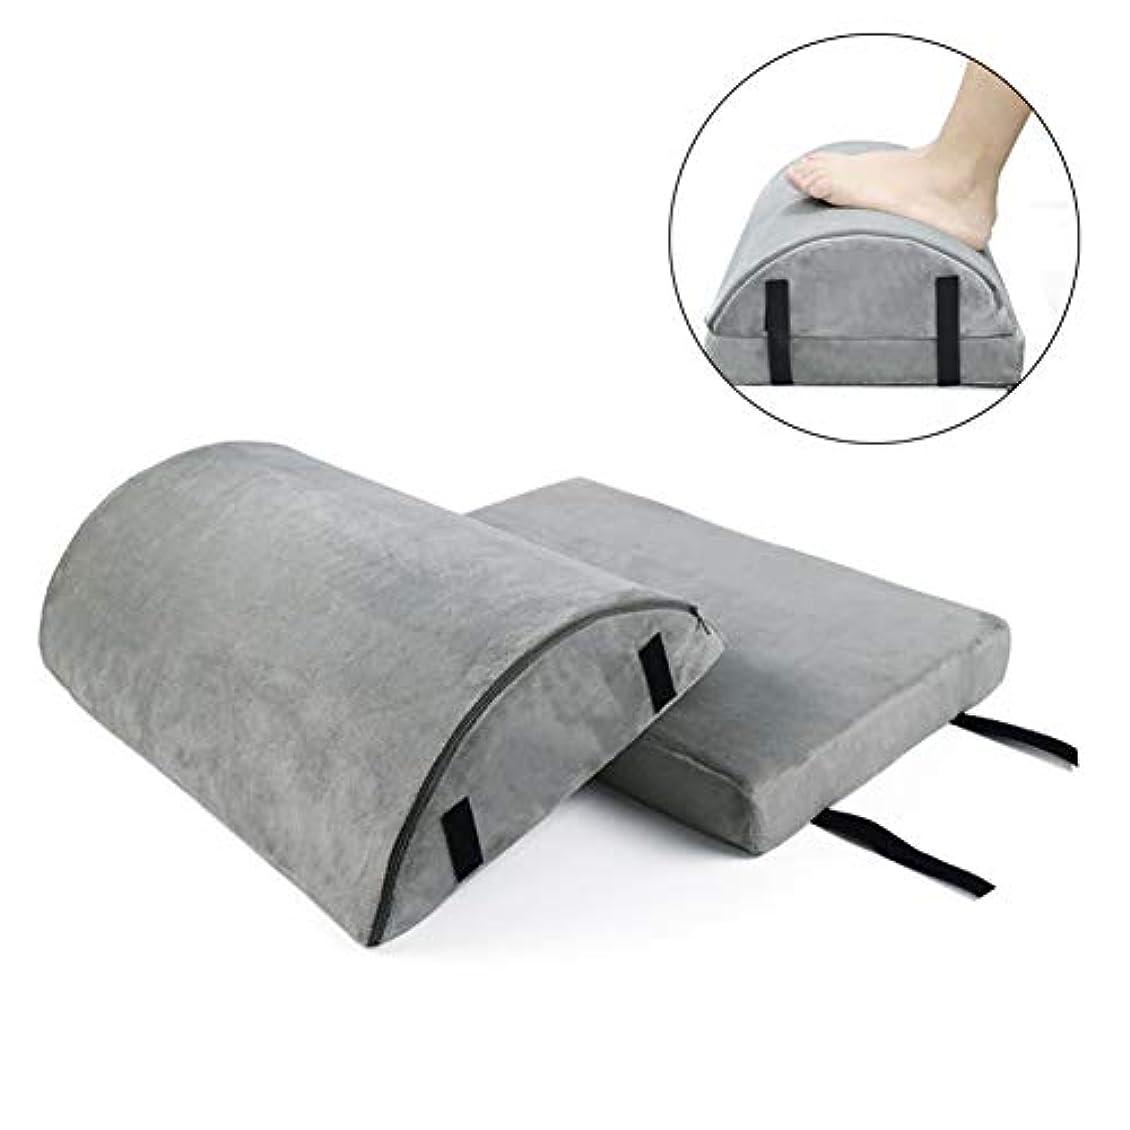 振動する細胞縁石ハーフムーン枕、二重層、取り外し可能/洗えるコットンカバー、滑り止め、マッサージ、フットパッド、女性および男性用